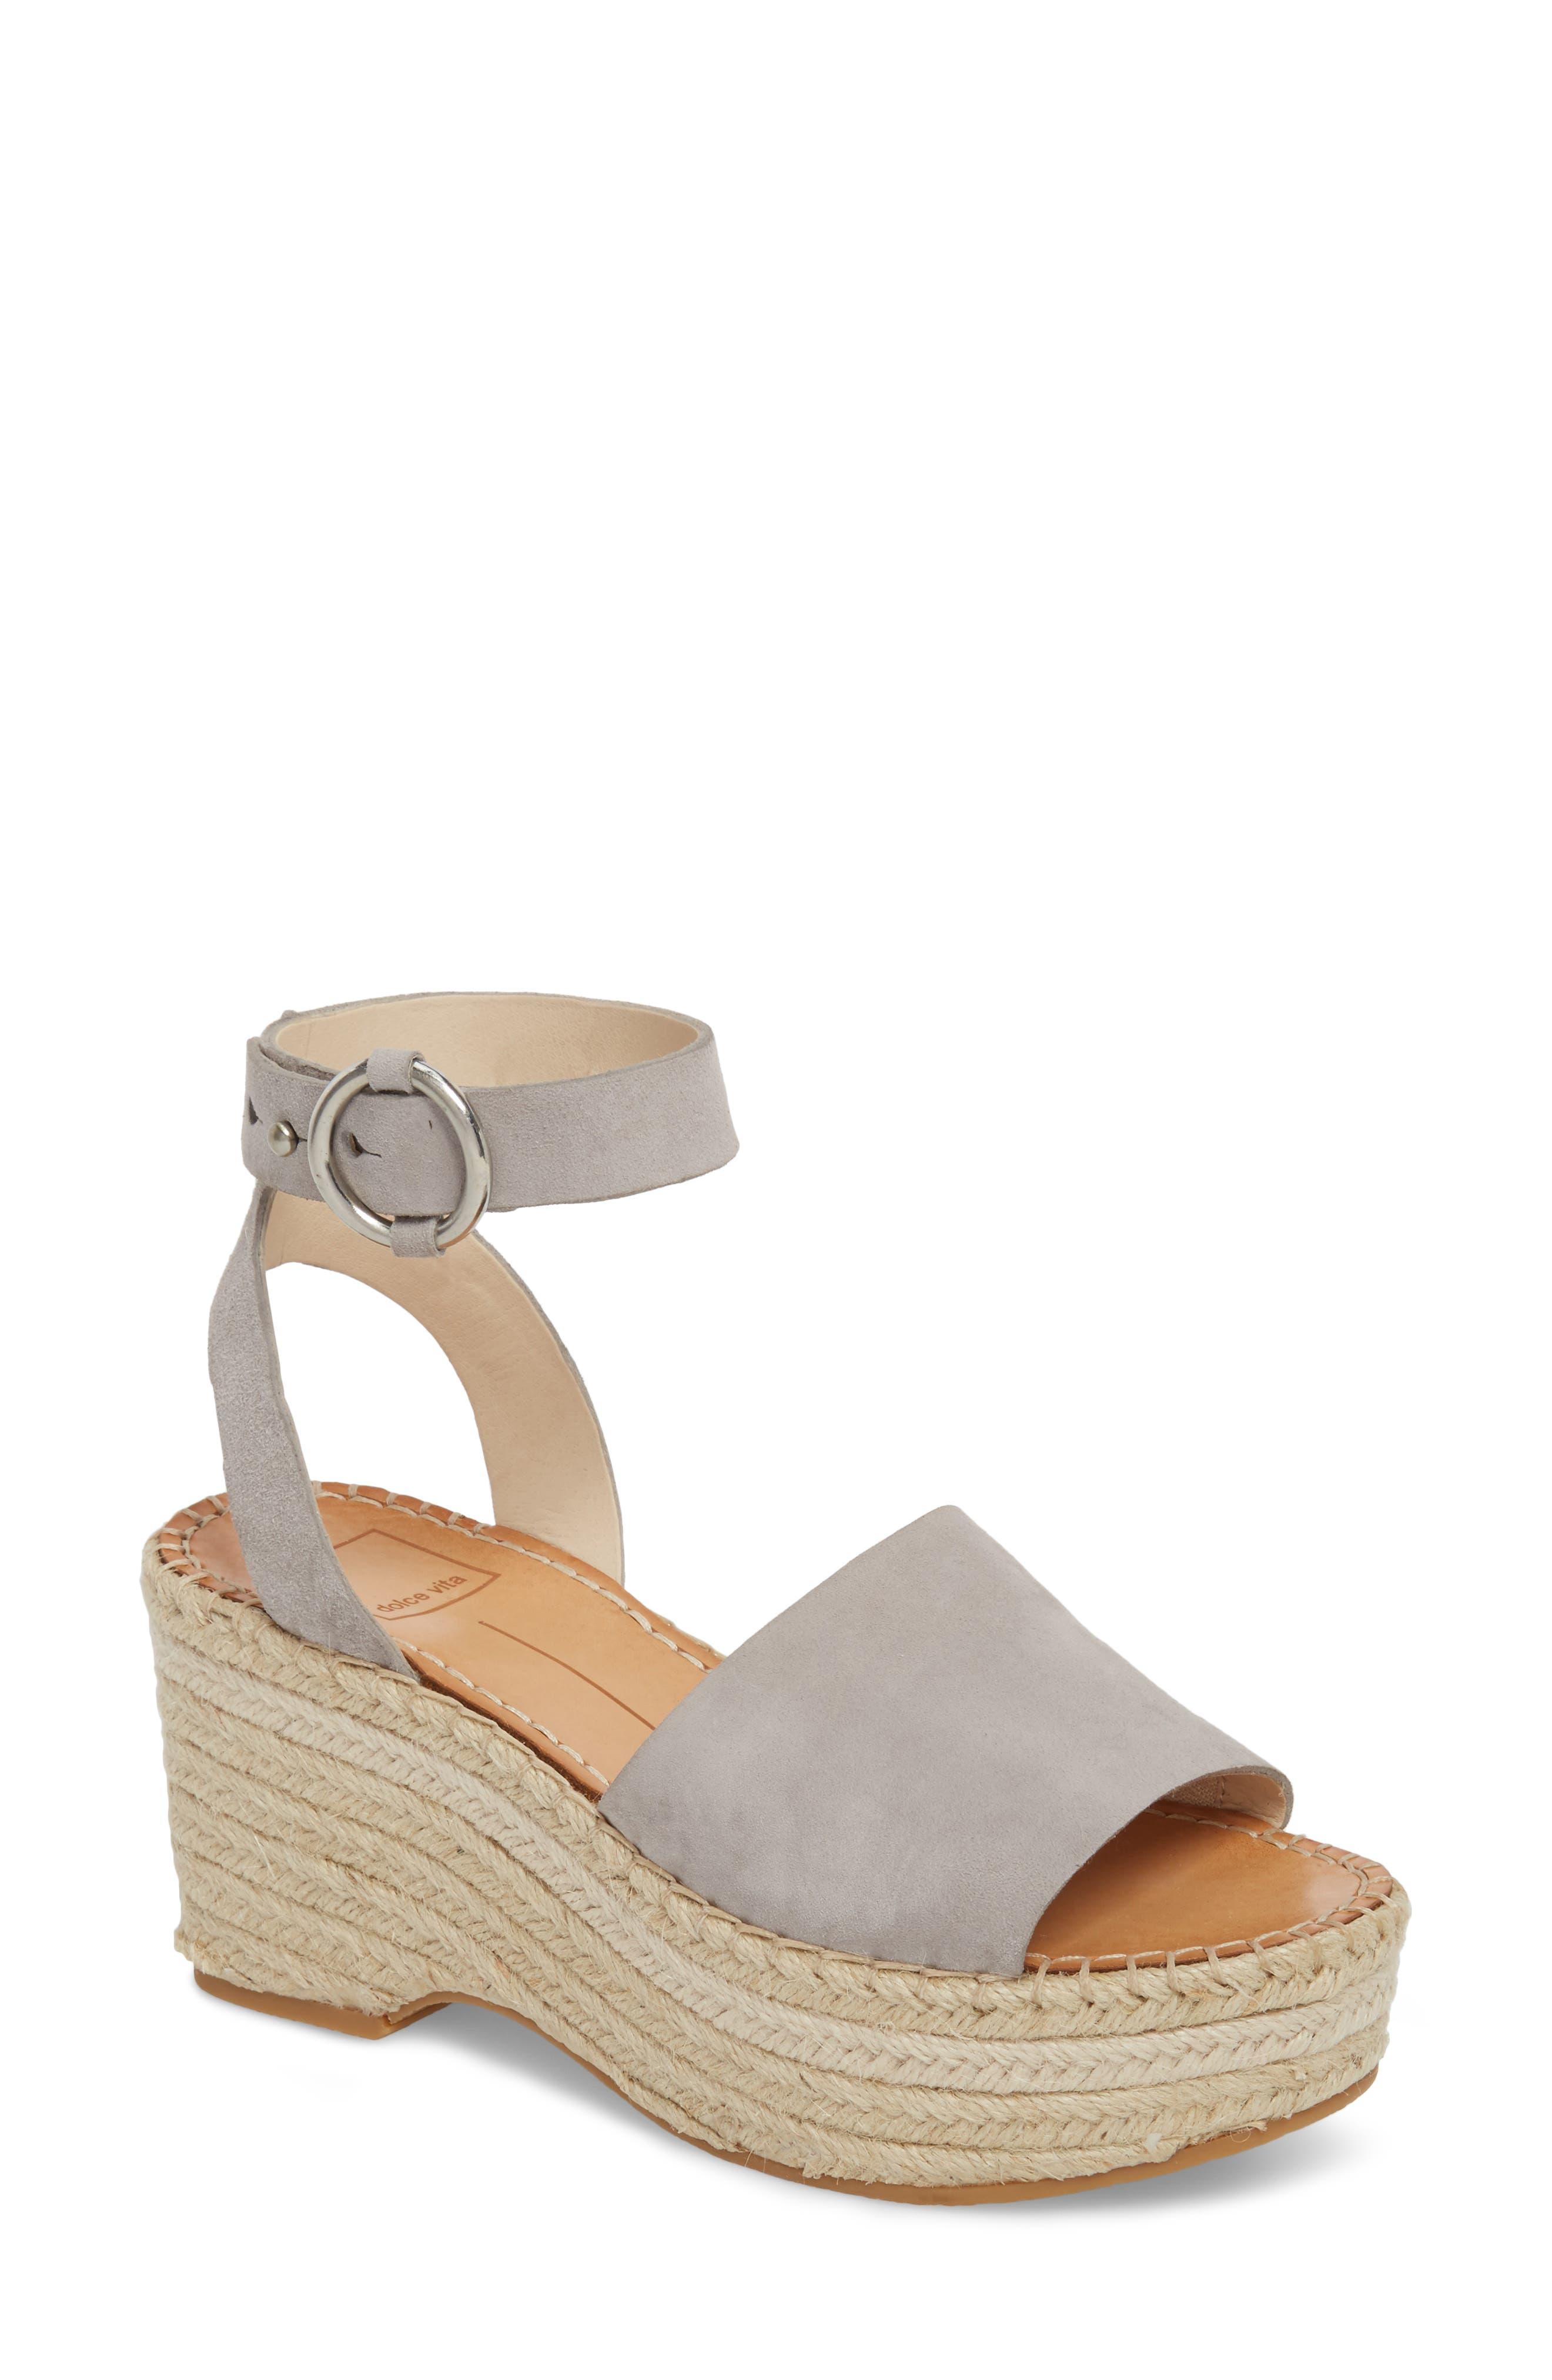 Dolce Vita Lesly Espadrille Platform Sandal, Grey